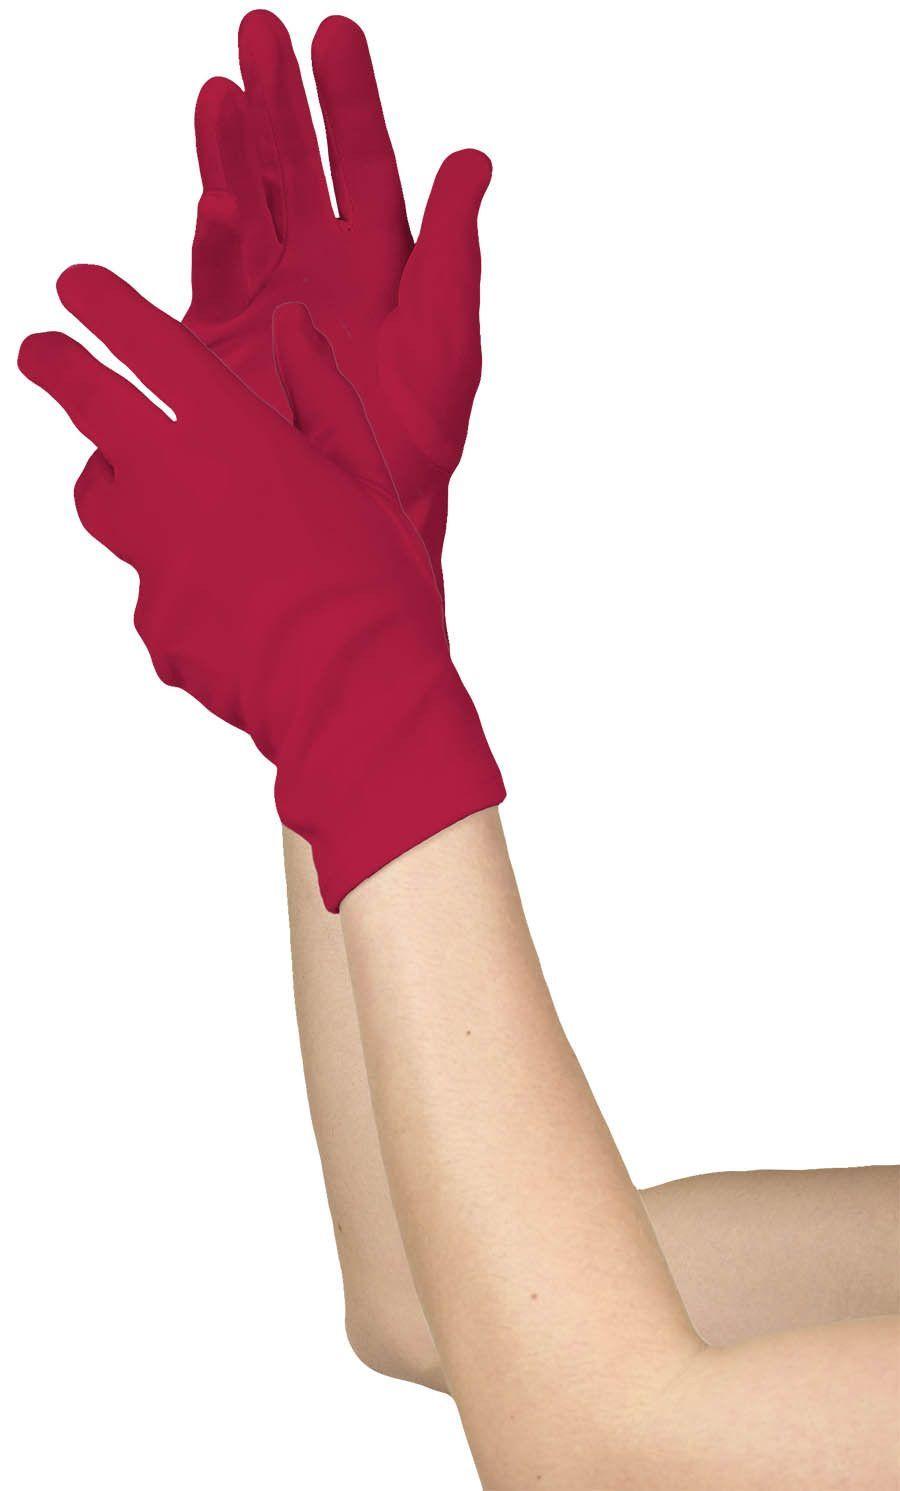 Short Red Glove